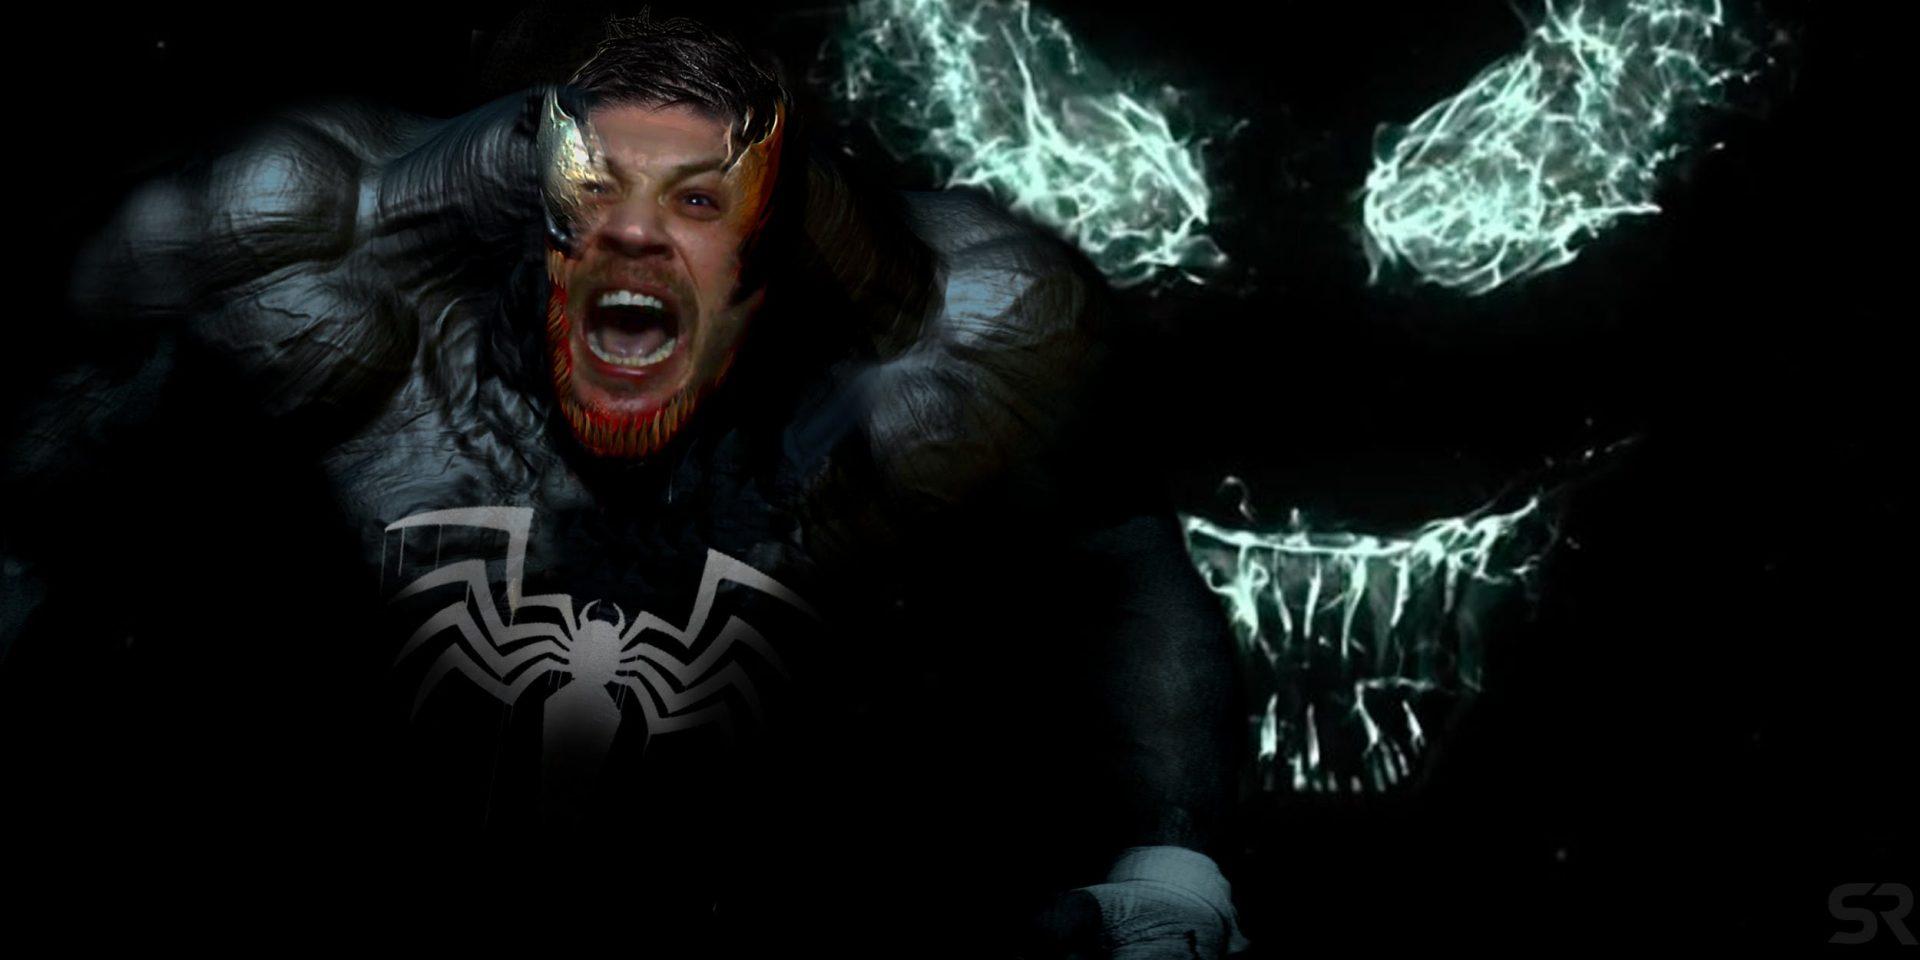 Nuovi dettagli sul film di Venom, lunghezza e visto censura